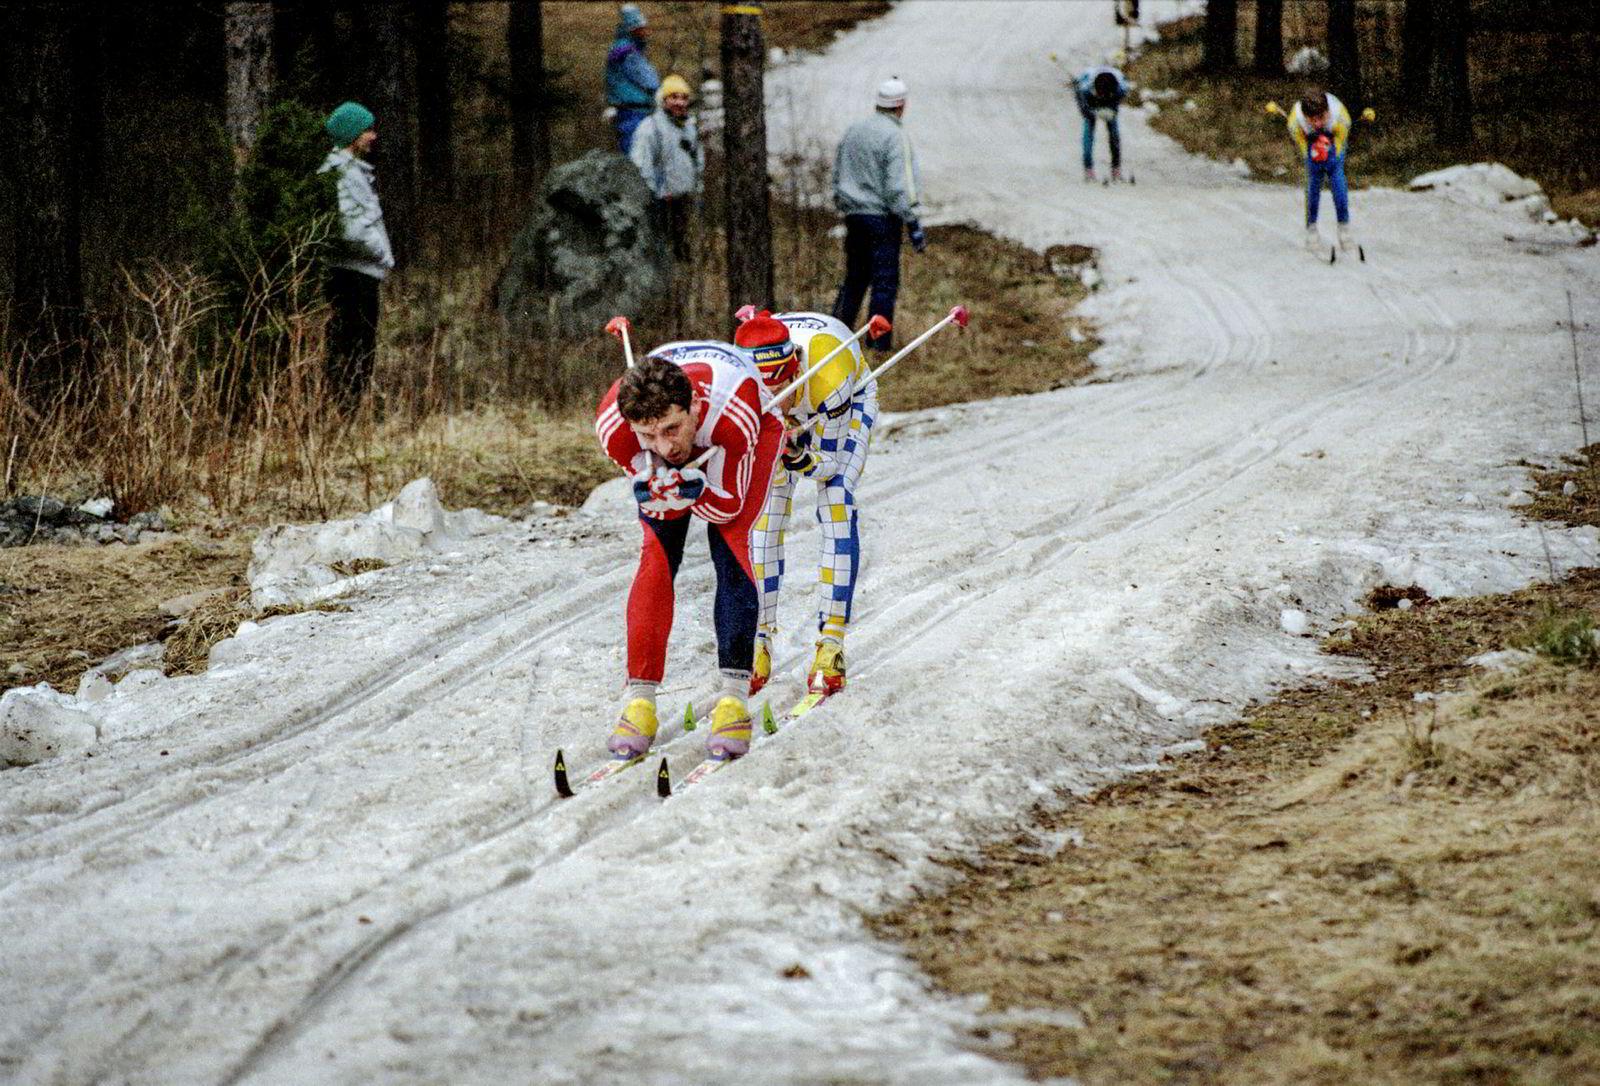 Terje Langli (foran) forteller om blytungt skiføre under tremila i Falun denne dagen i 1989. Han kan ikke huske at han noensinne ble servert mer sørgelig føreforhold. Men løperne likte at det ble renn.